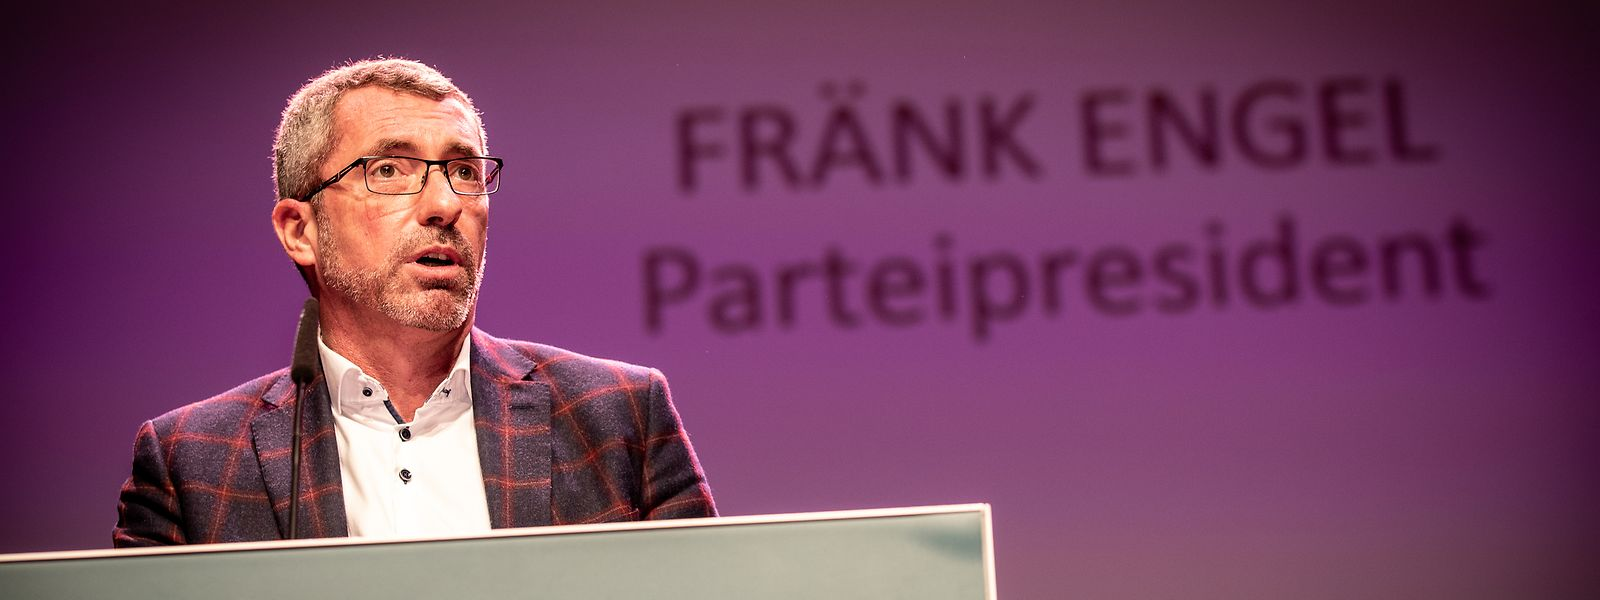 Seit 26. Januar 2019  an der Spitze der CSV und im Dauerclinch mit der Fraktion: Frank Engel.